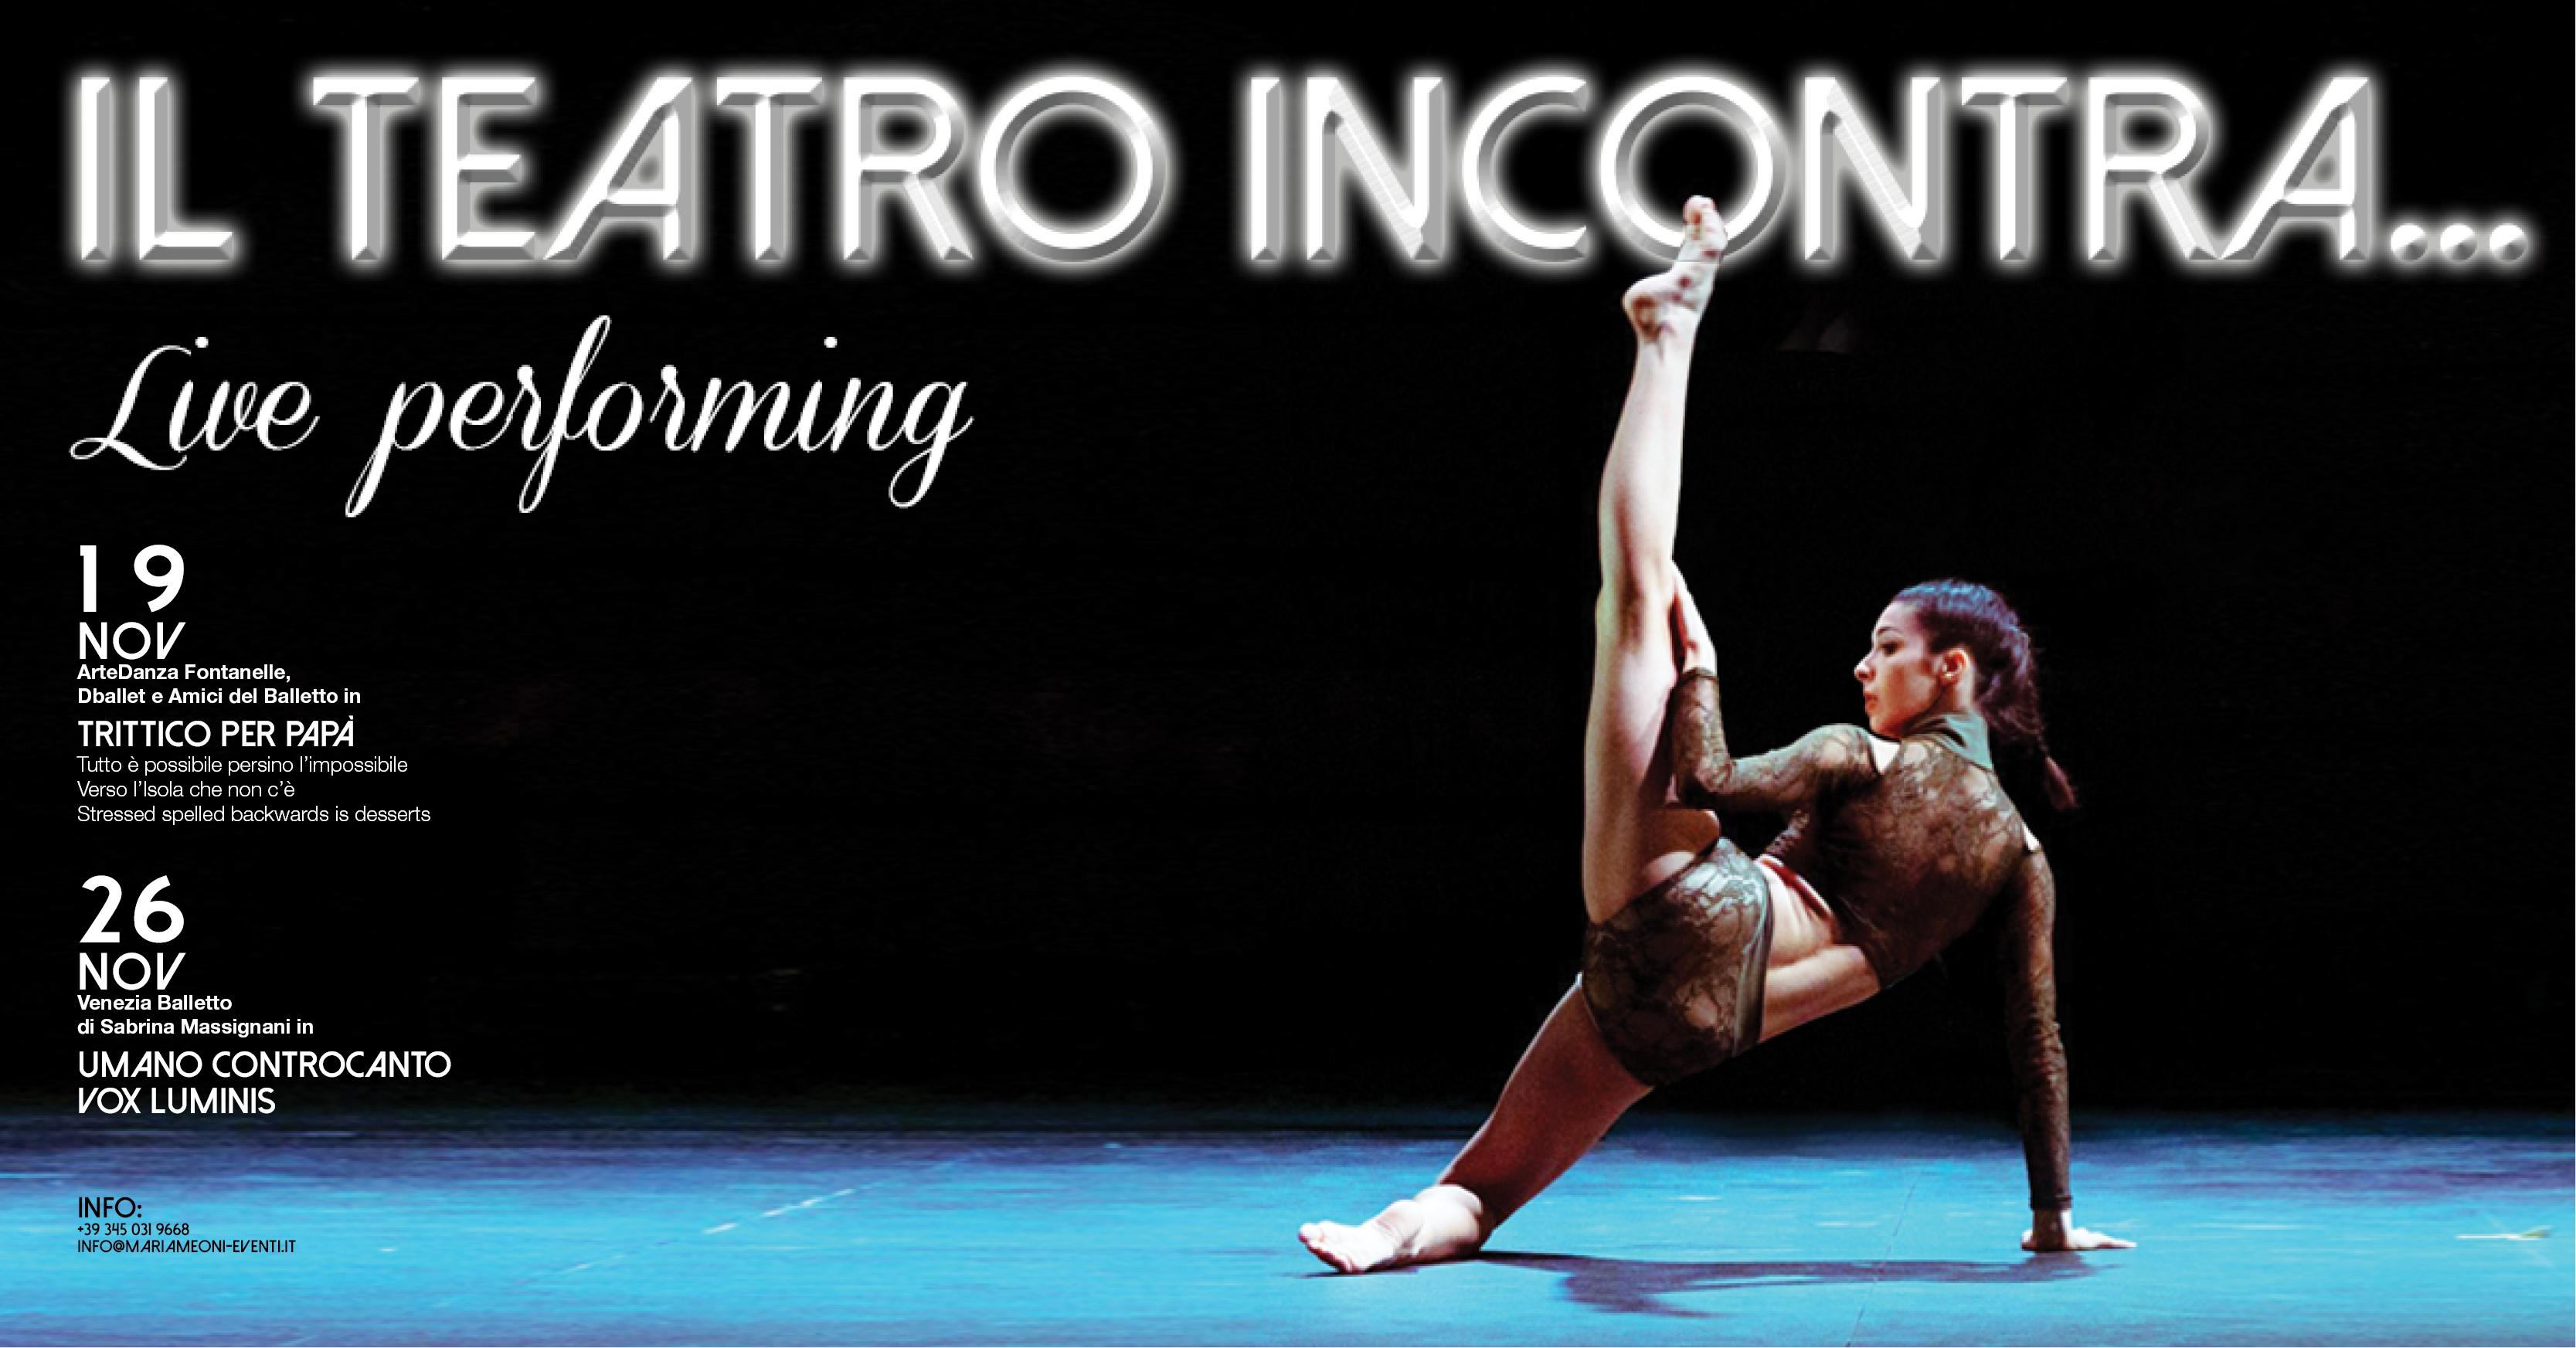 Teatro Incontra new